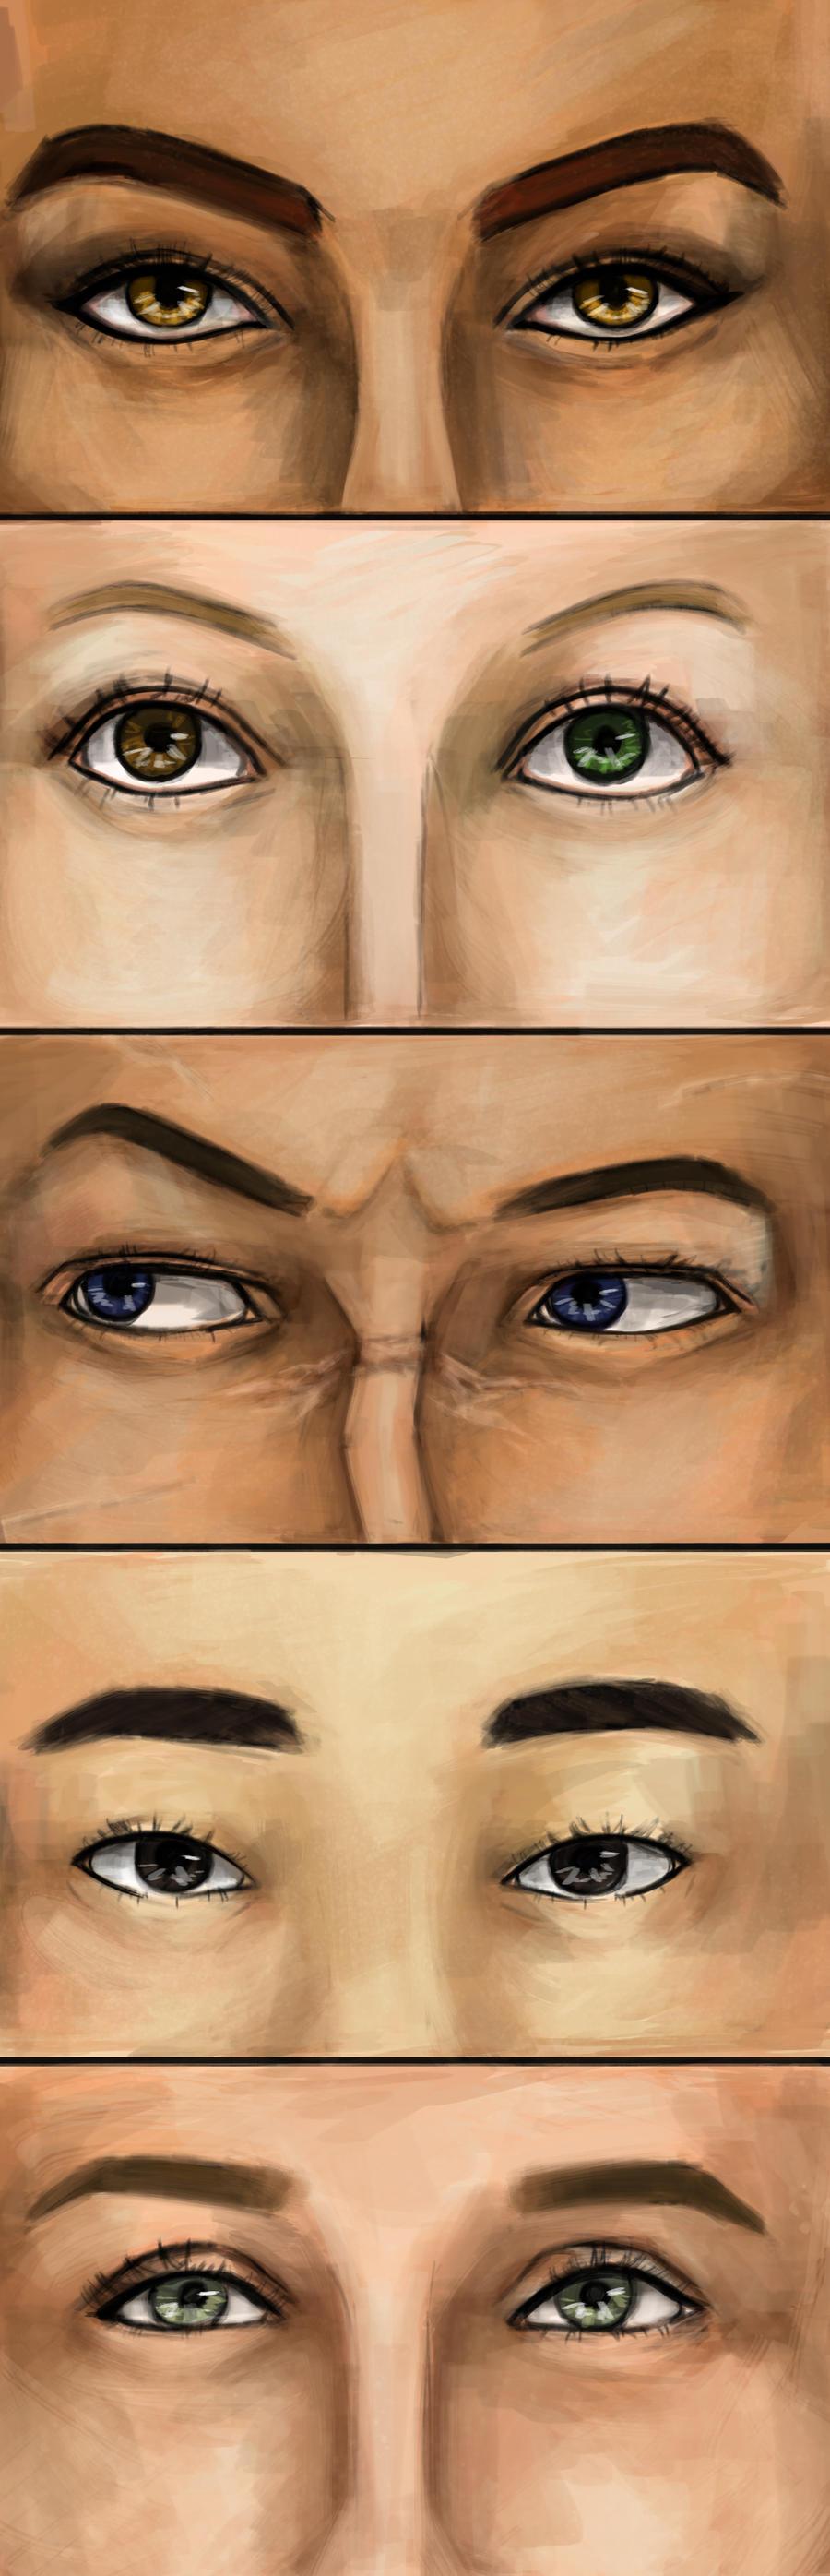 Studies: Eye See You